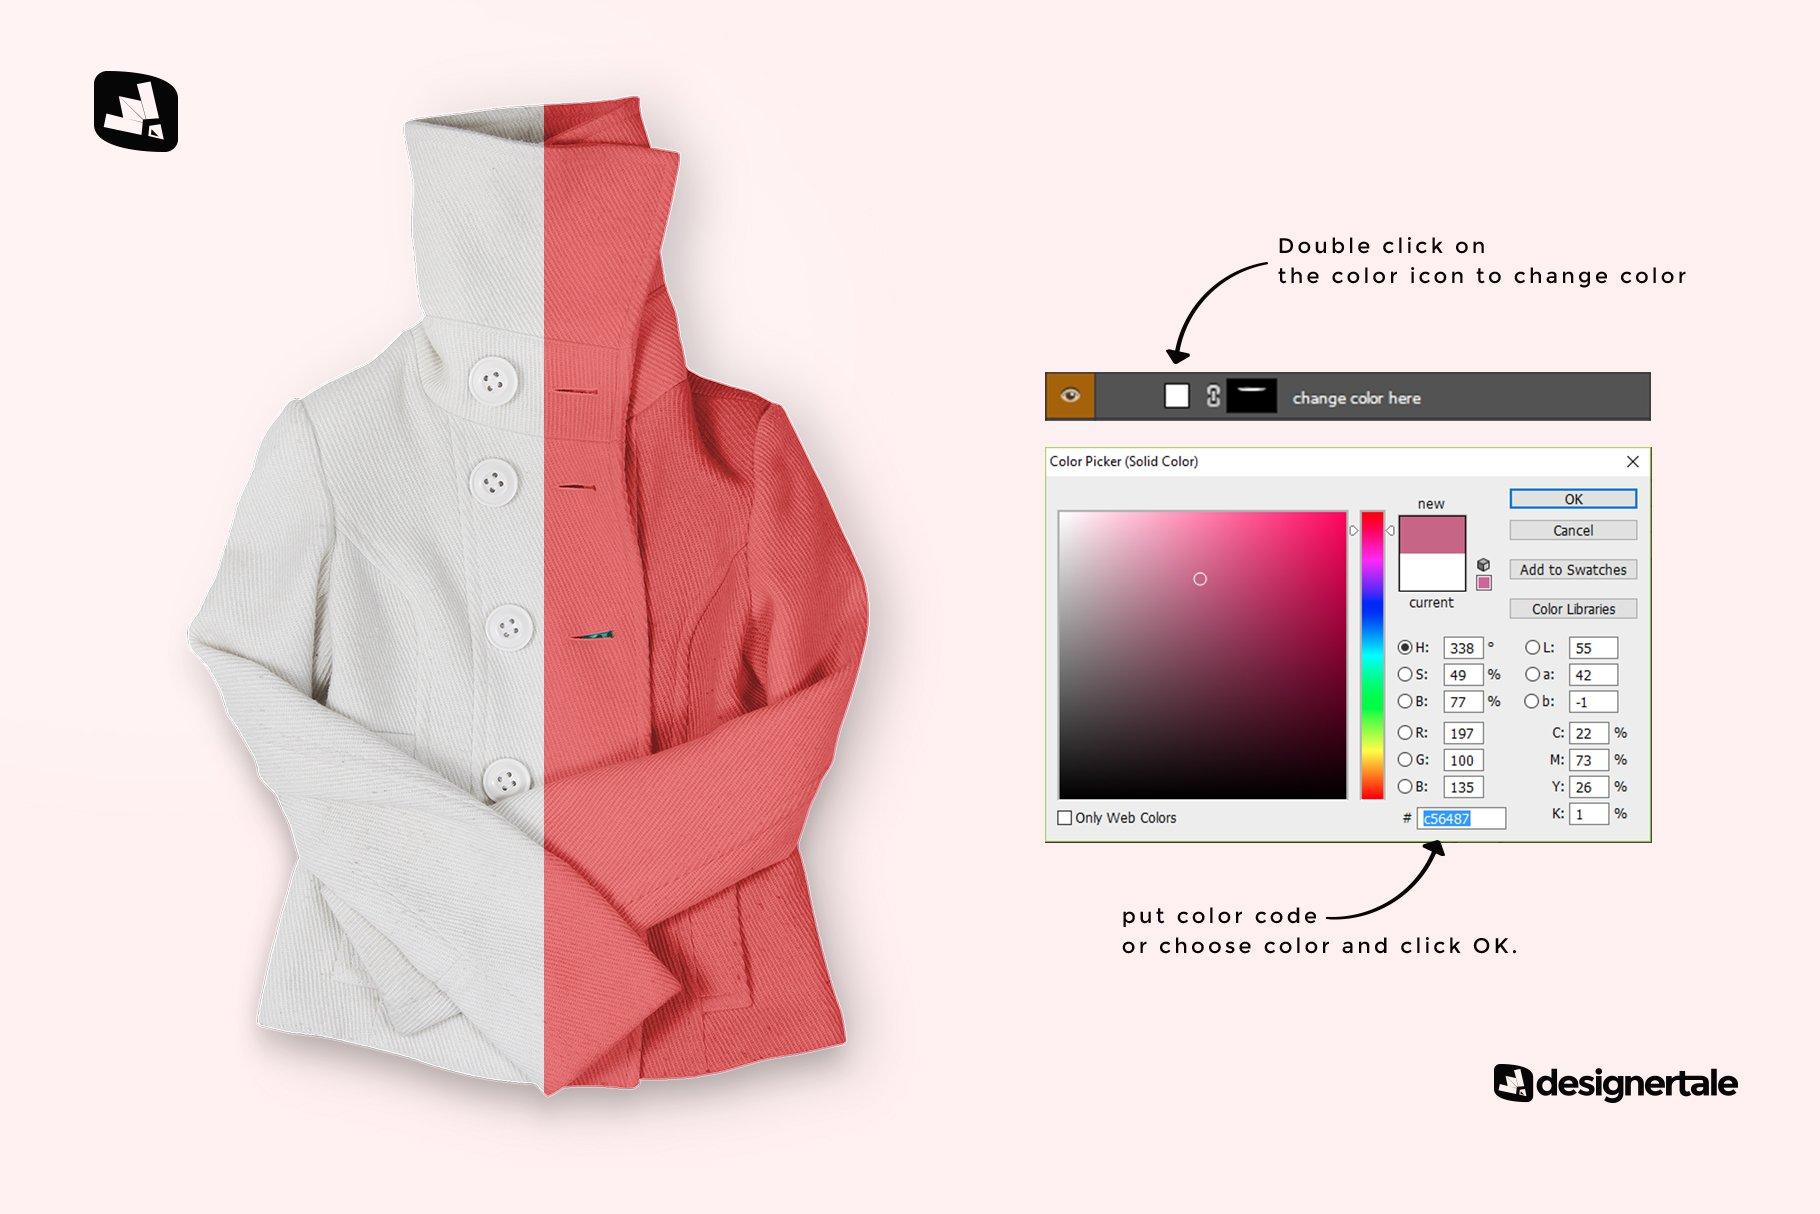 新潮女式冬季高领夹克印花图案设计PS贴图样机模板 Womens High Collar Jacket Mockup插图2